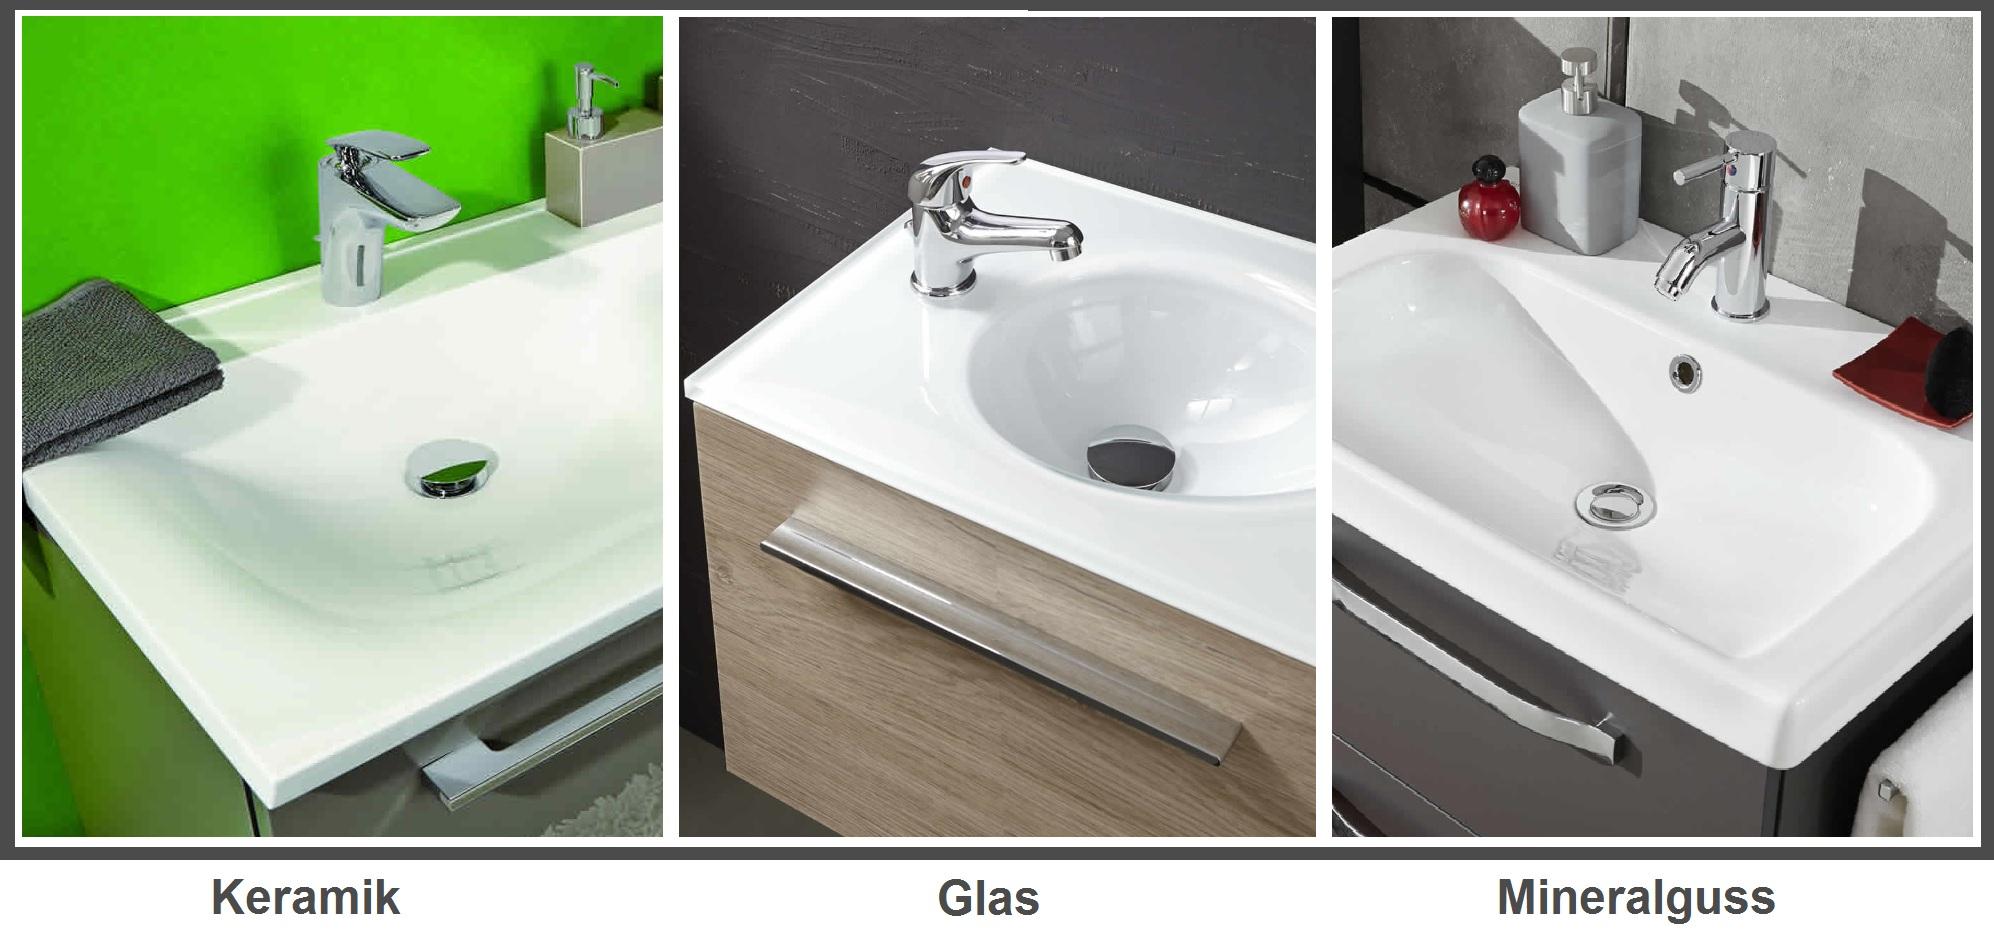 Vergleich-Materialien-Waschtisch